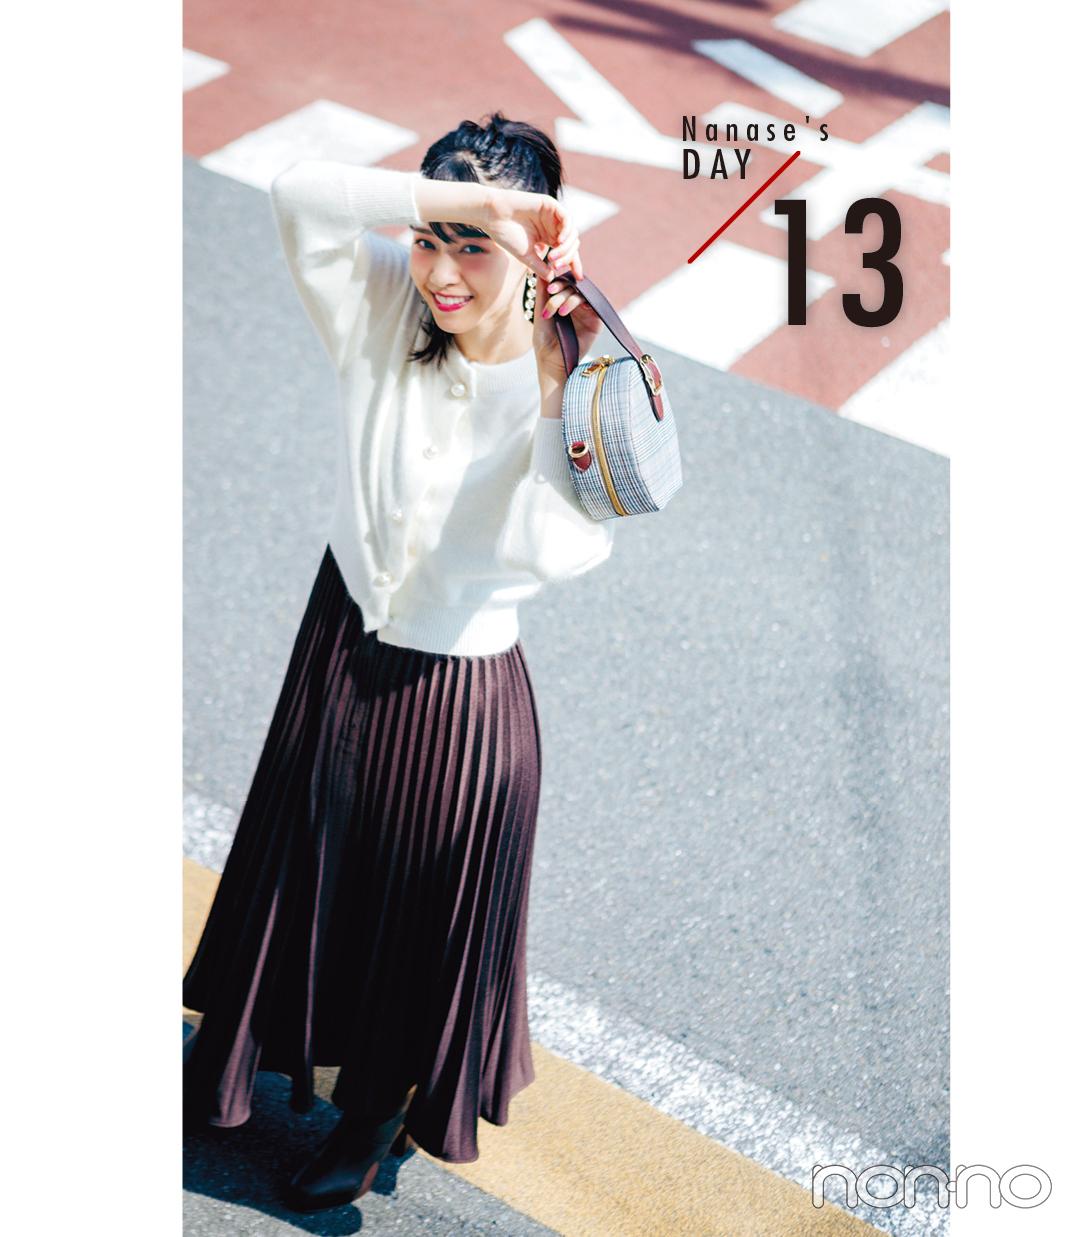 Nanase's DAY13